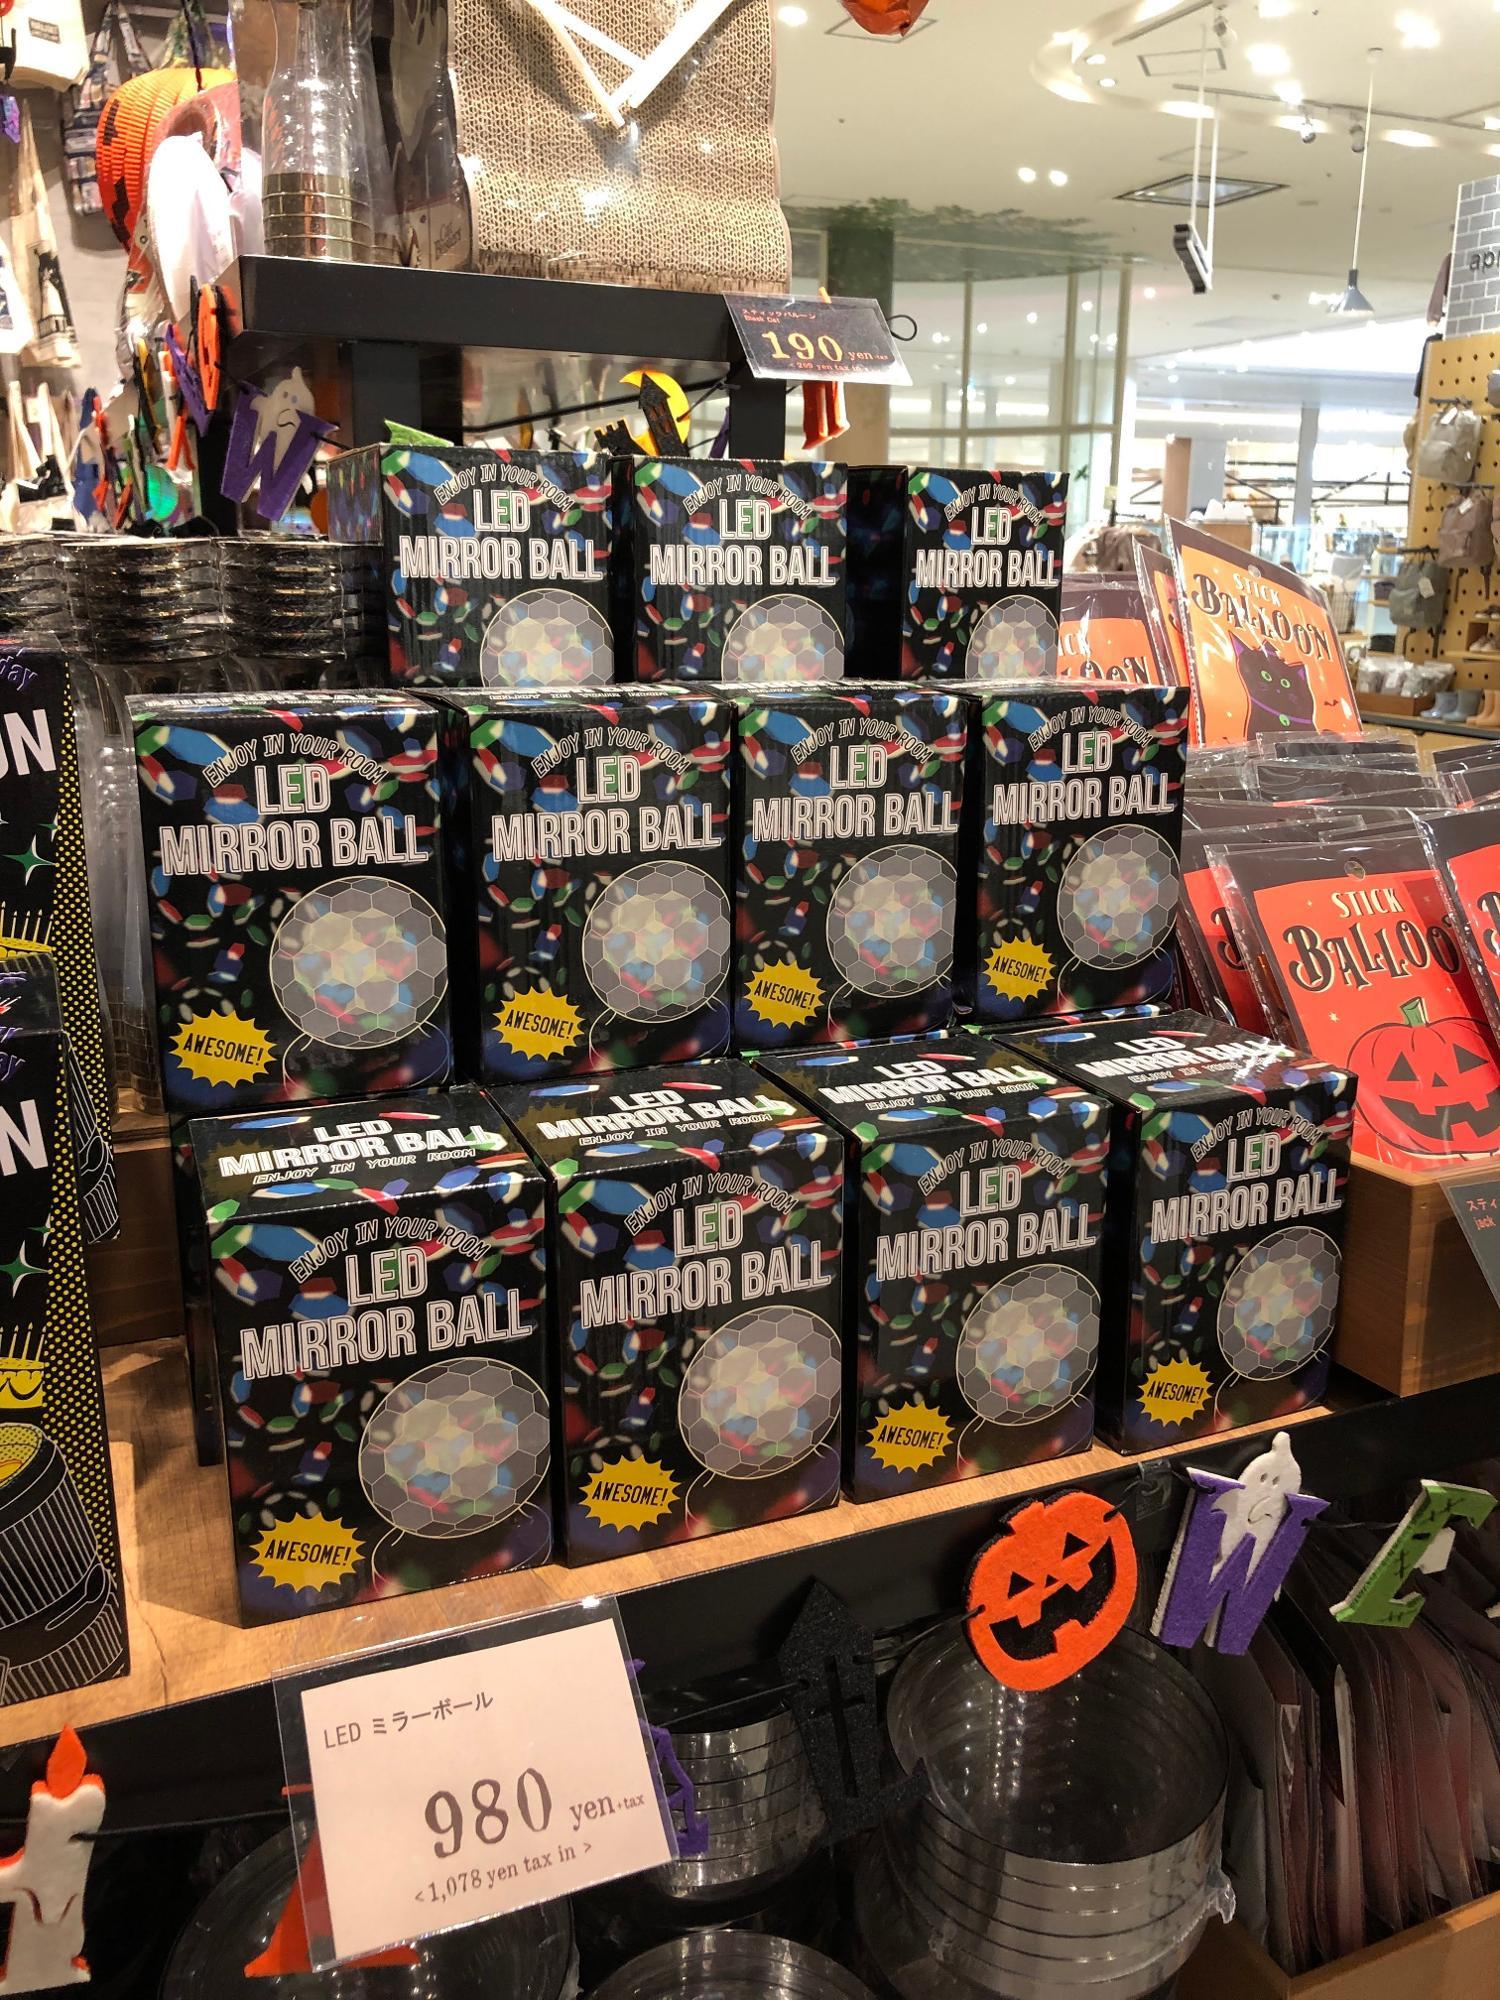 LEDミラーボール(980円)